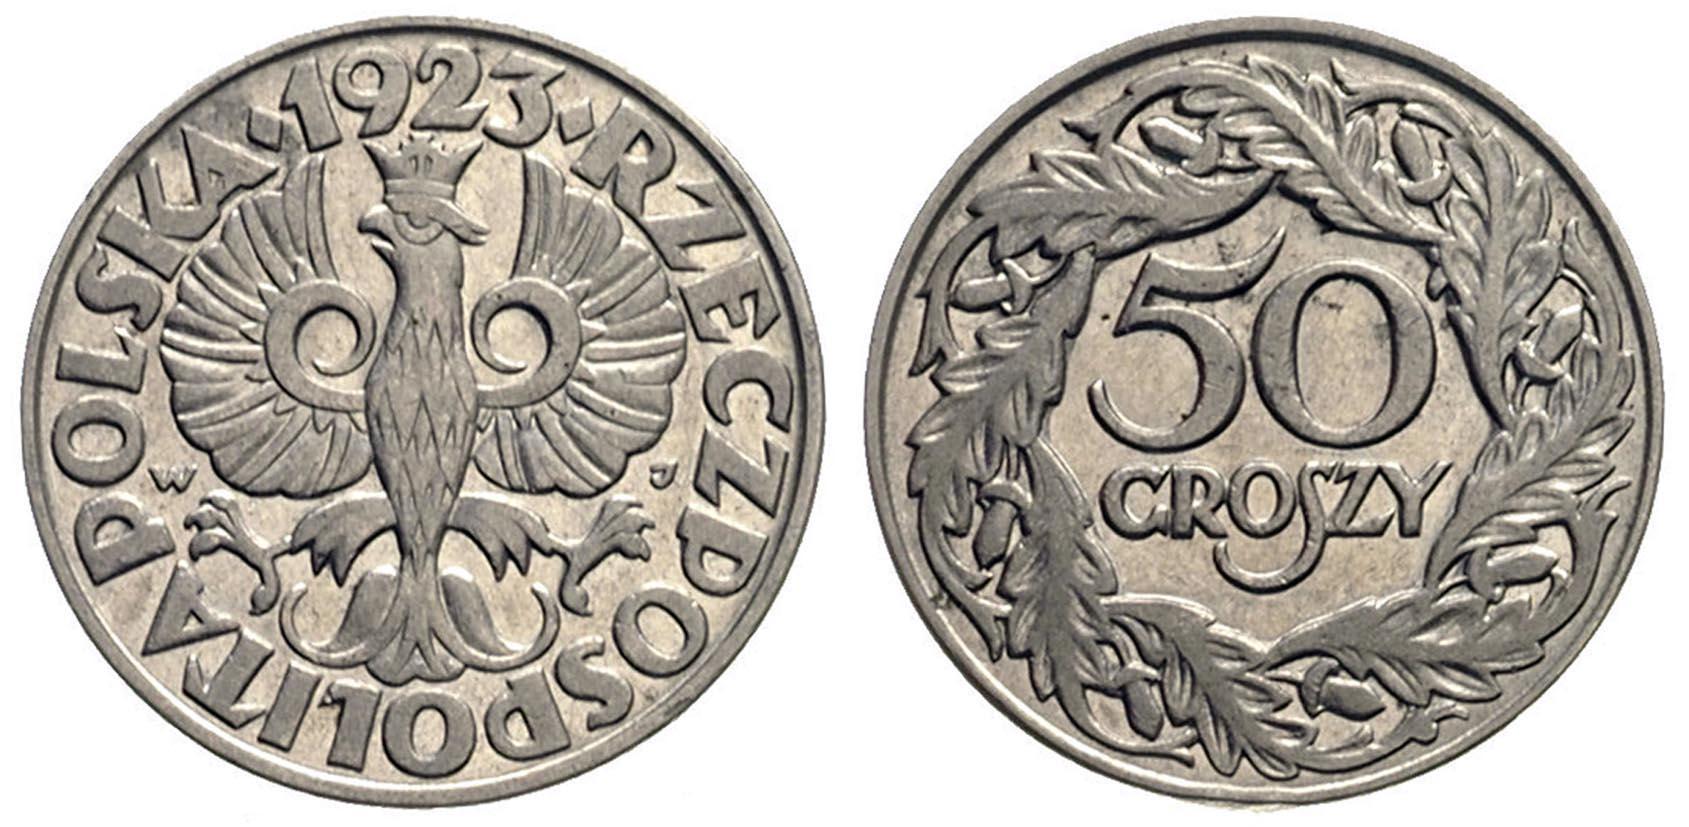 Продать 50 croszy1923ujlf цена монеты российской империи с1700года